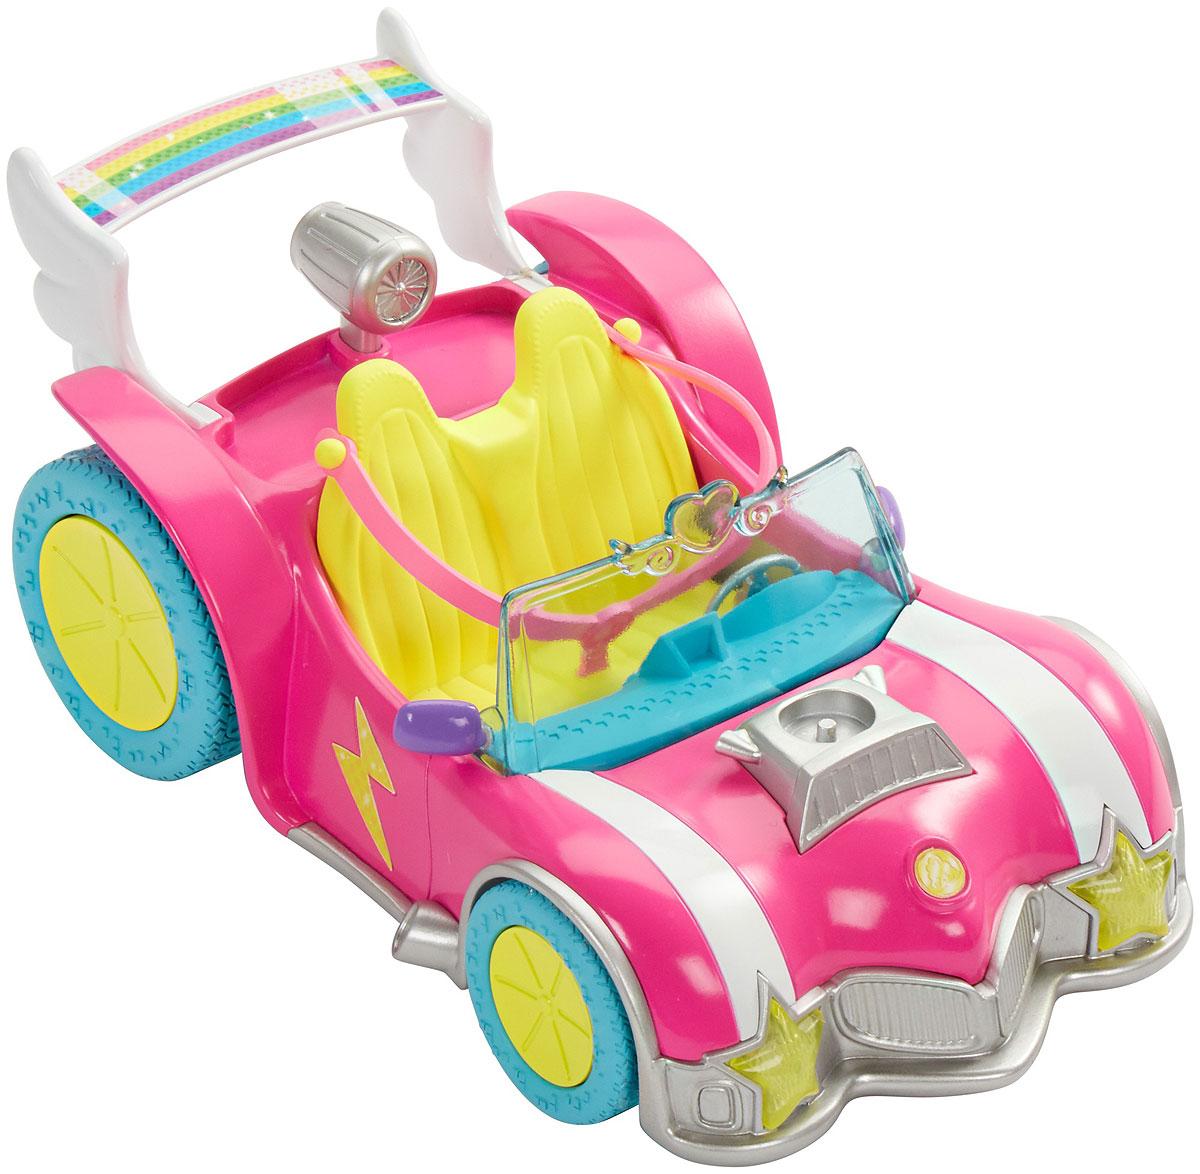 Barbie АвтомобильDTW18Этот игровой набор посвящен новому мультфильму Barbie и виртуальный мир . Маленькая кукла Barbie одета в трико с сердечком и готова к приключениям. Украсьте родстер куклы молниями, сердечками и звездочками. Играйте с двухмерными персонажами-вырезками и найдите трофей. Он дает право открыть уникальные дополнения для видеоигры, если использовать его в приложении Barbie Life. Соберите всех кукол линейки Barbie и виртуальный мир и создайте свою собственную игру.